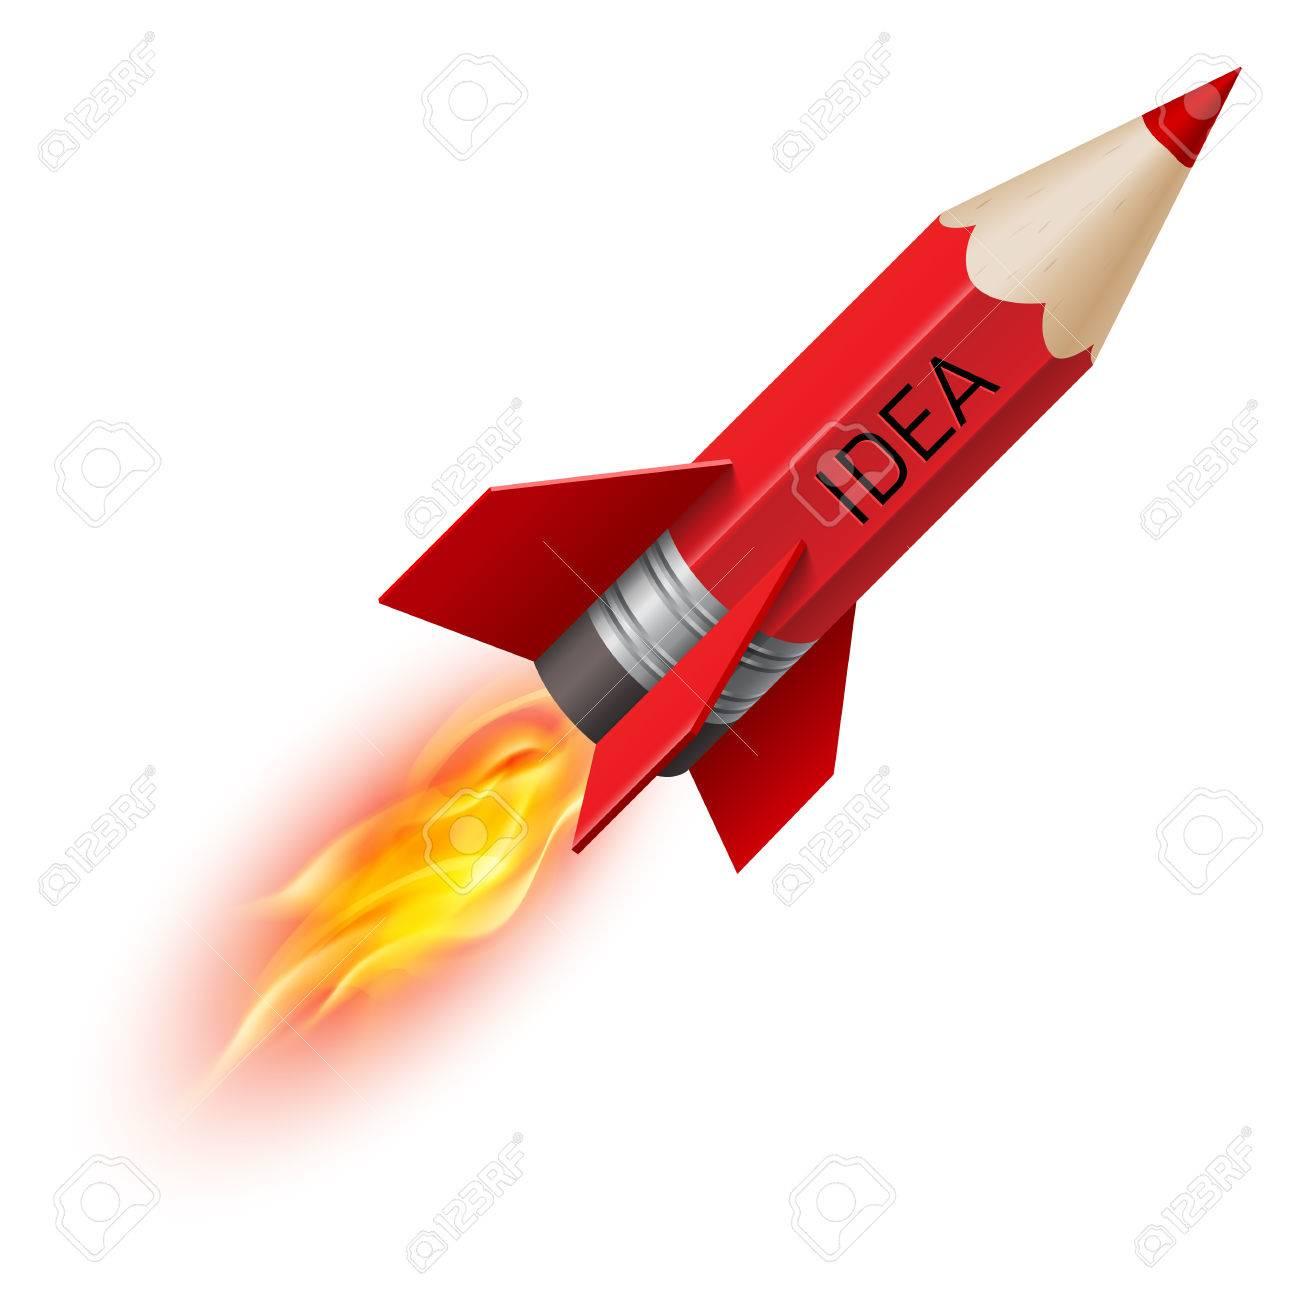 pencil design